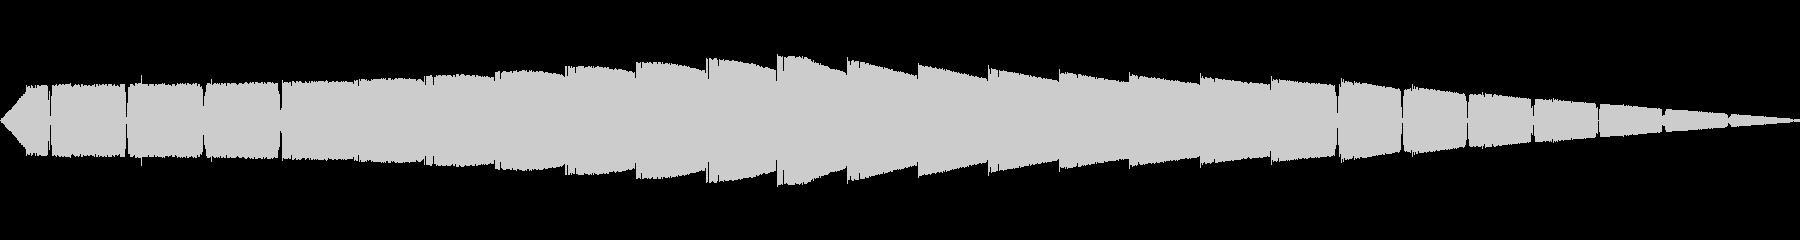 ピピピピ(ピコピコ/ワープ警告/アラームの未再生の波形